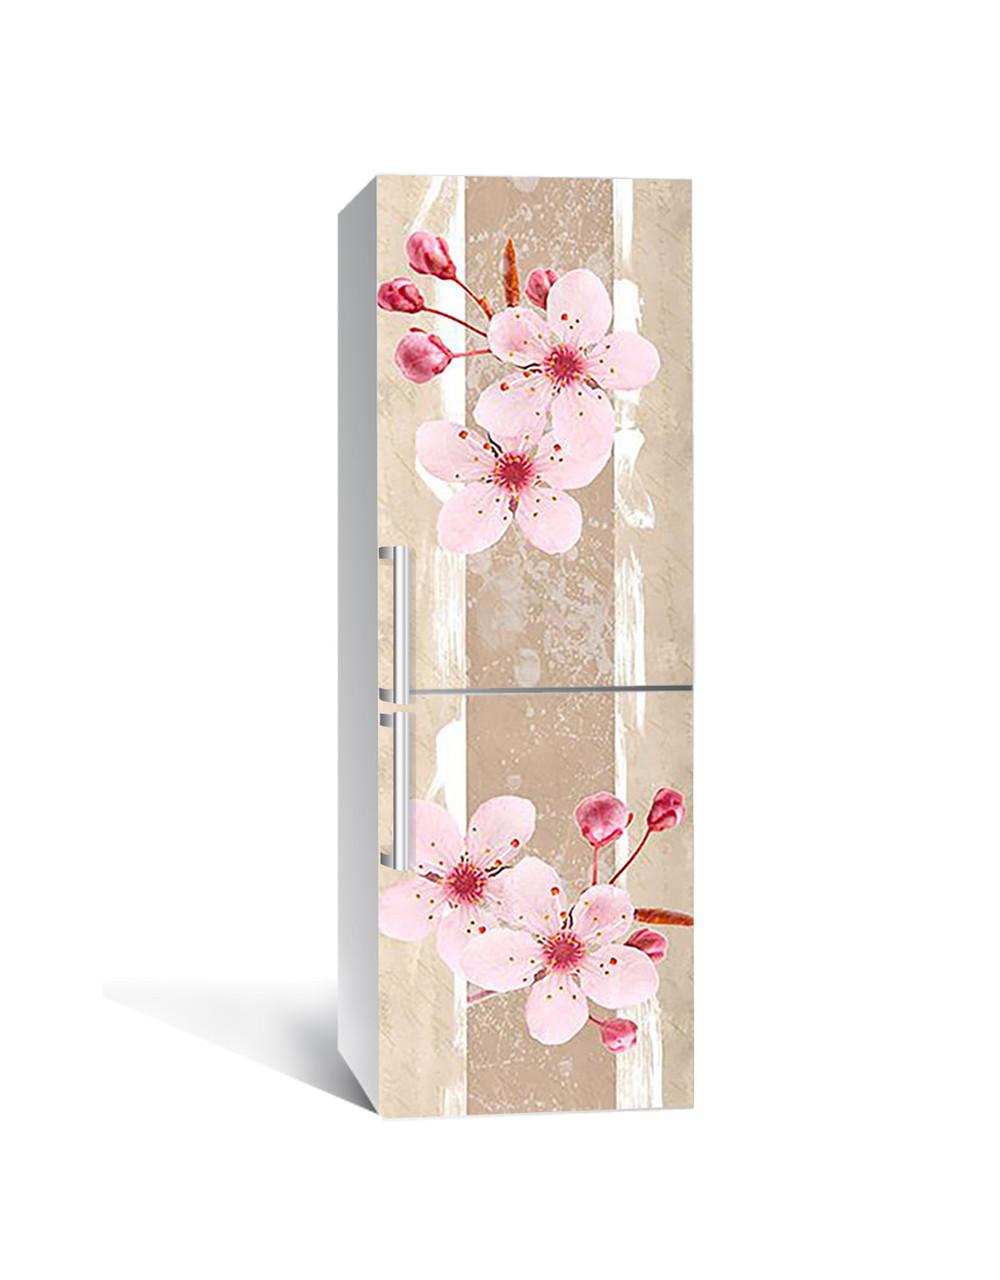 Интерьерная наклейка на холодильник Розовые Цветы Вишни виниловая пленка ламинированная ПВХ сакура Бежевый